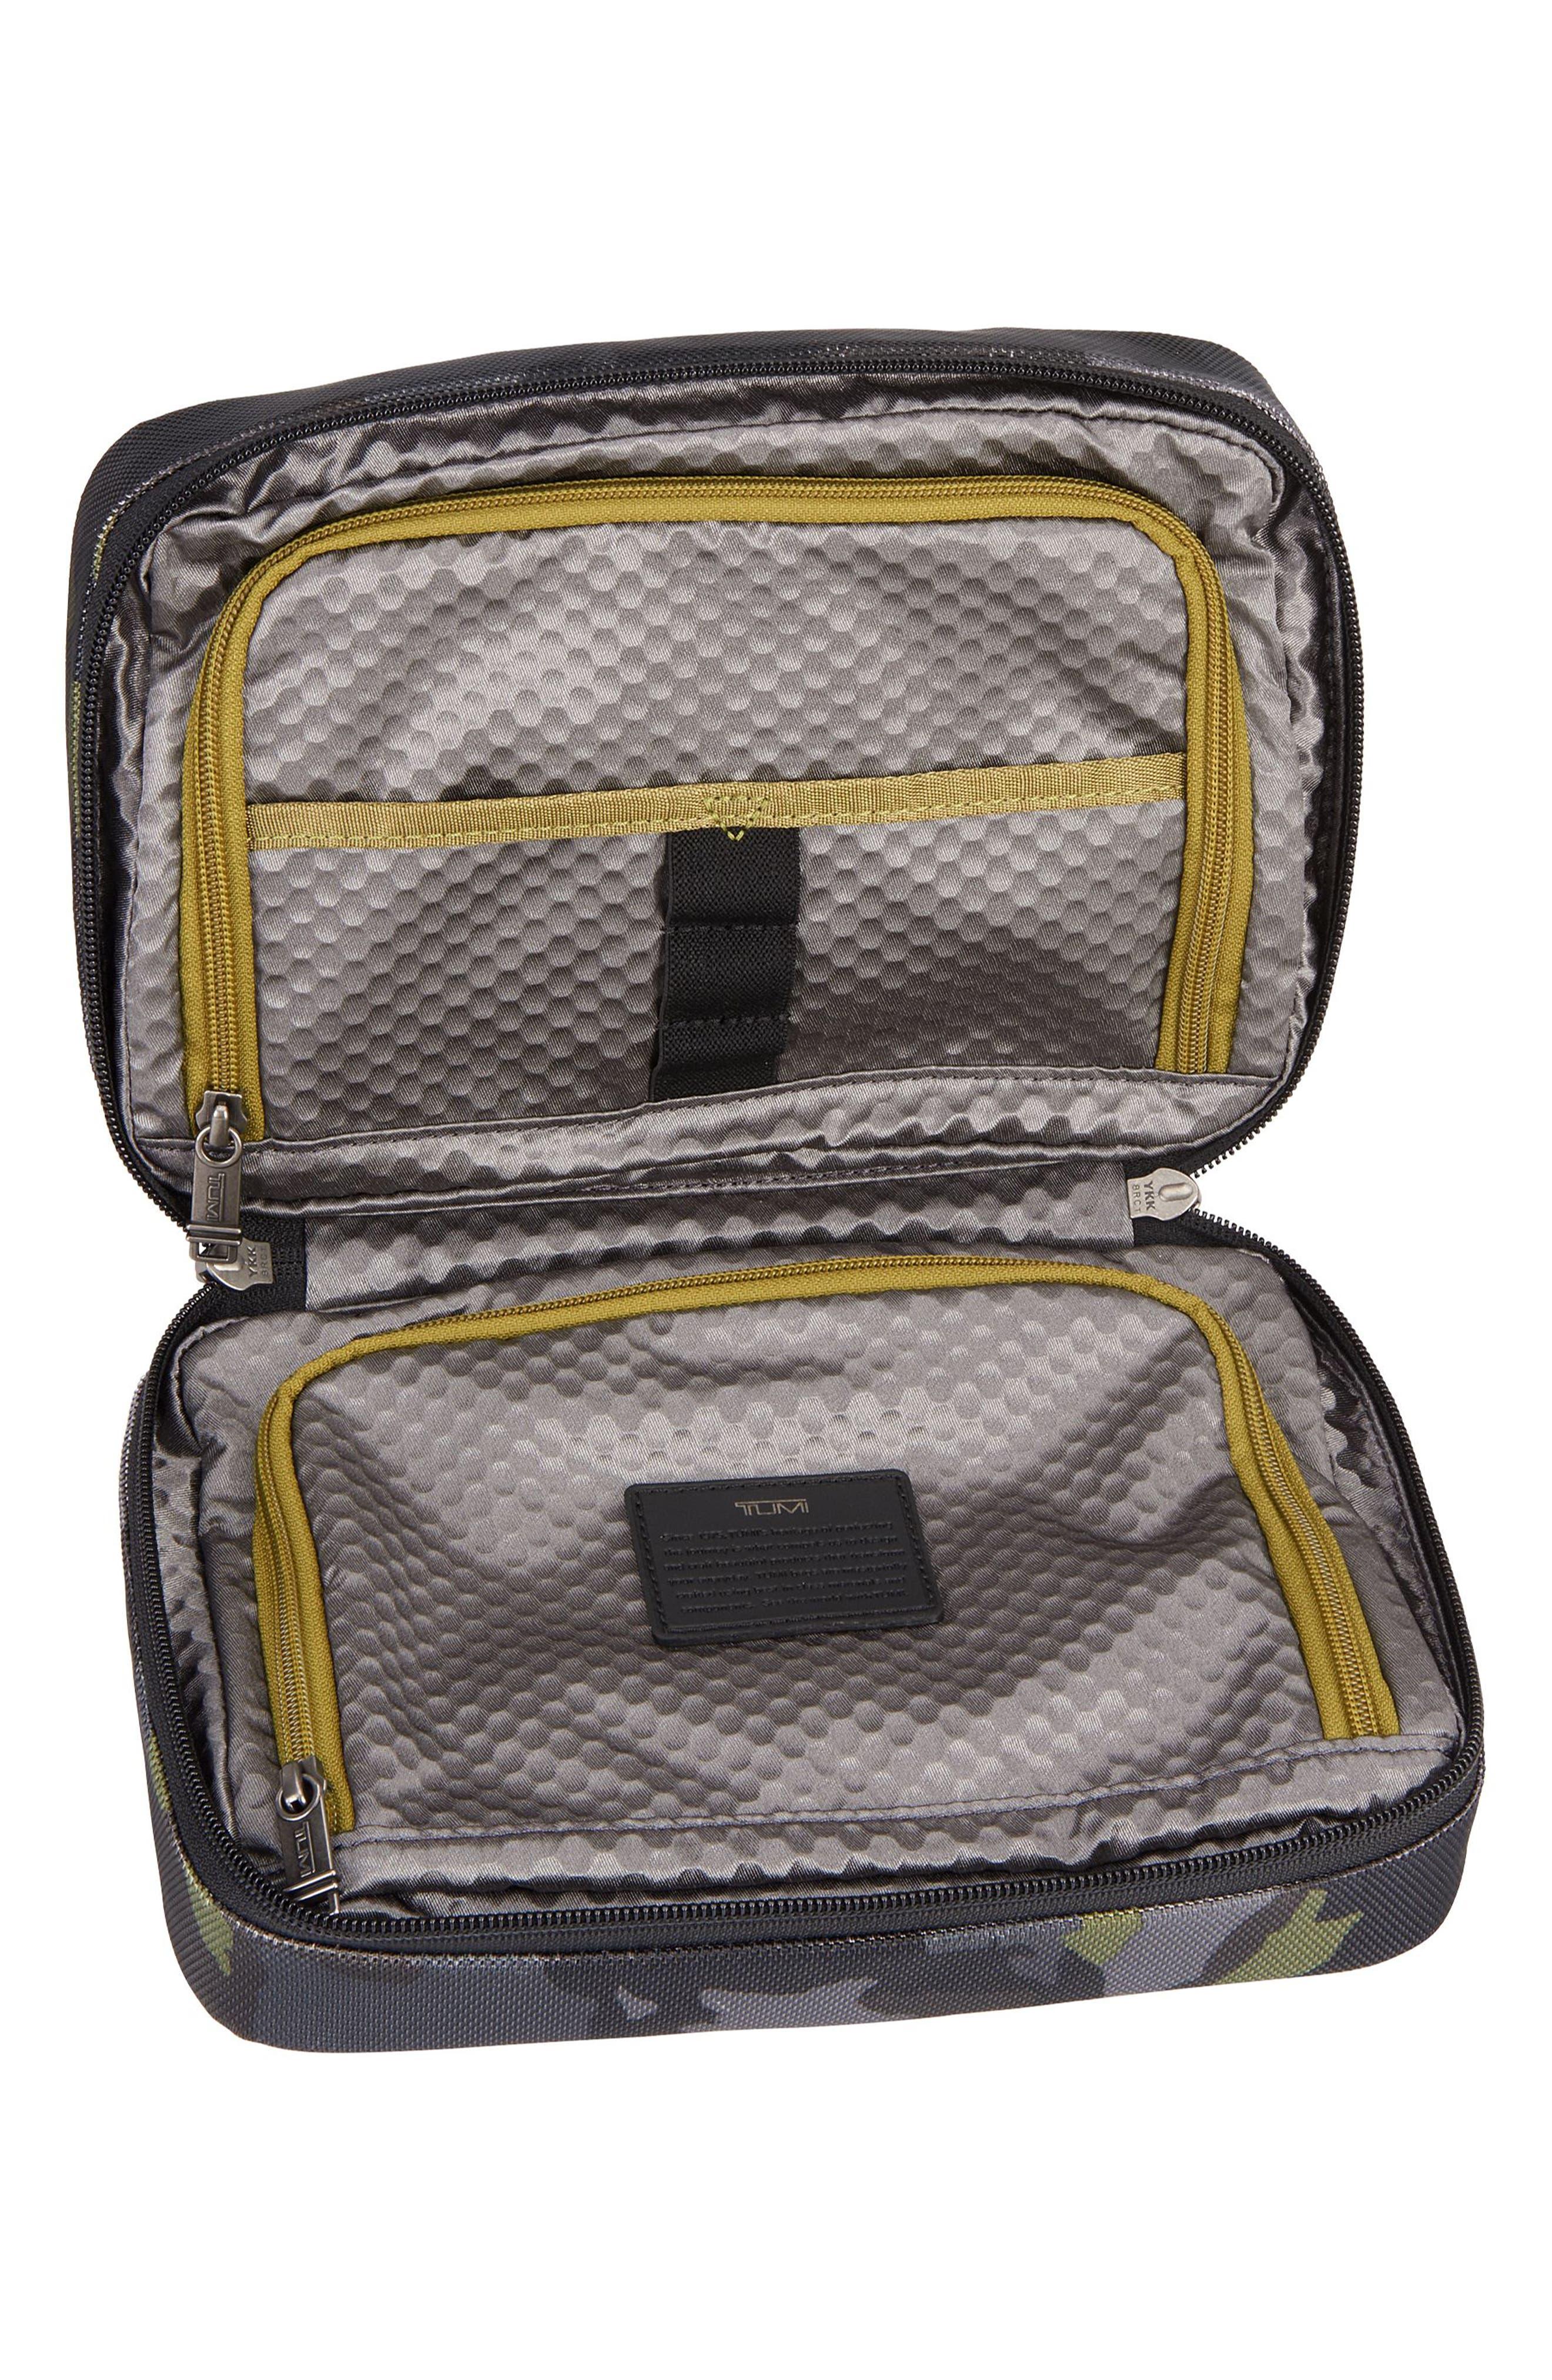 TUMI,                             Alpha Bravo - Reno Travel Kit,                             Alternate thumbnail 3, color,                             314